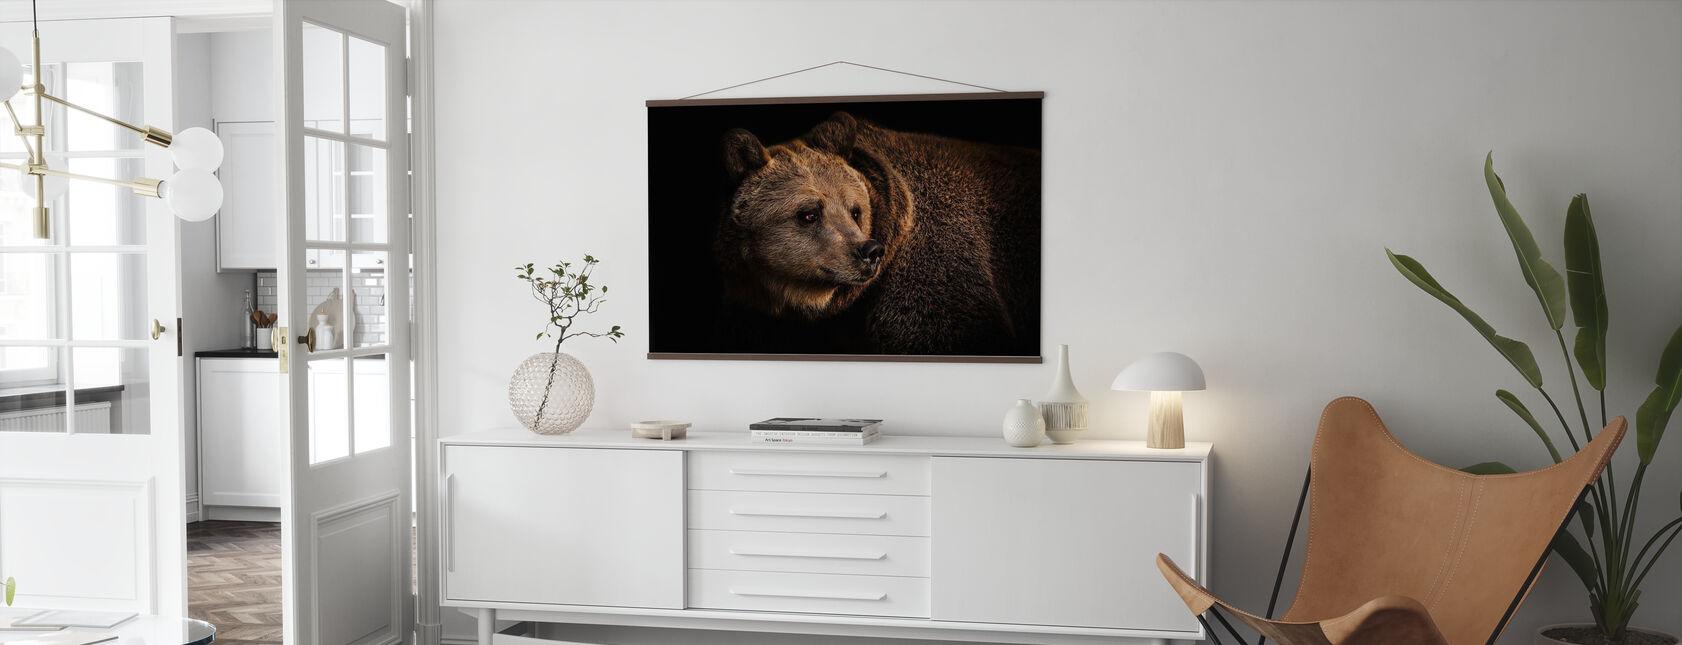 Brun Björn - Poster - Vardagsrum